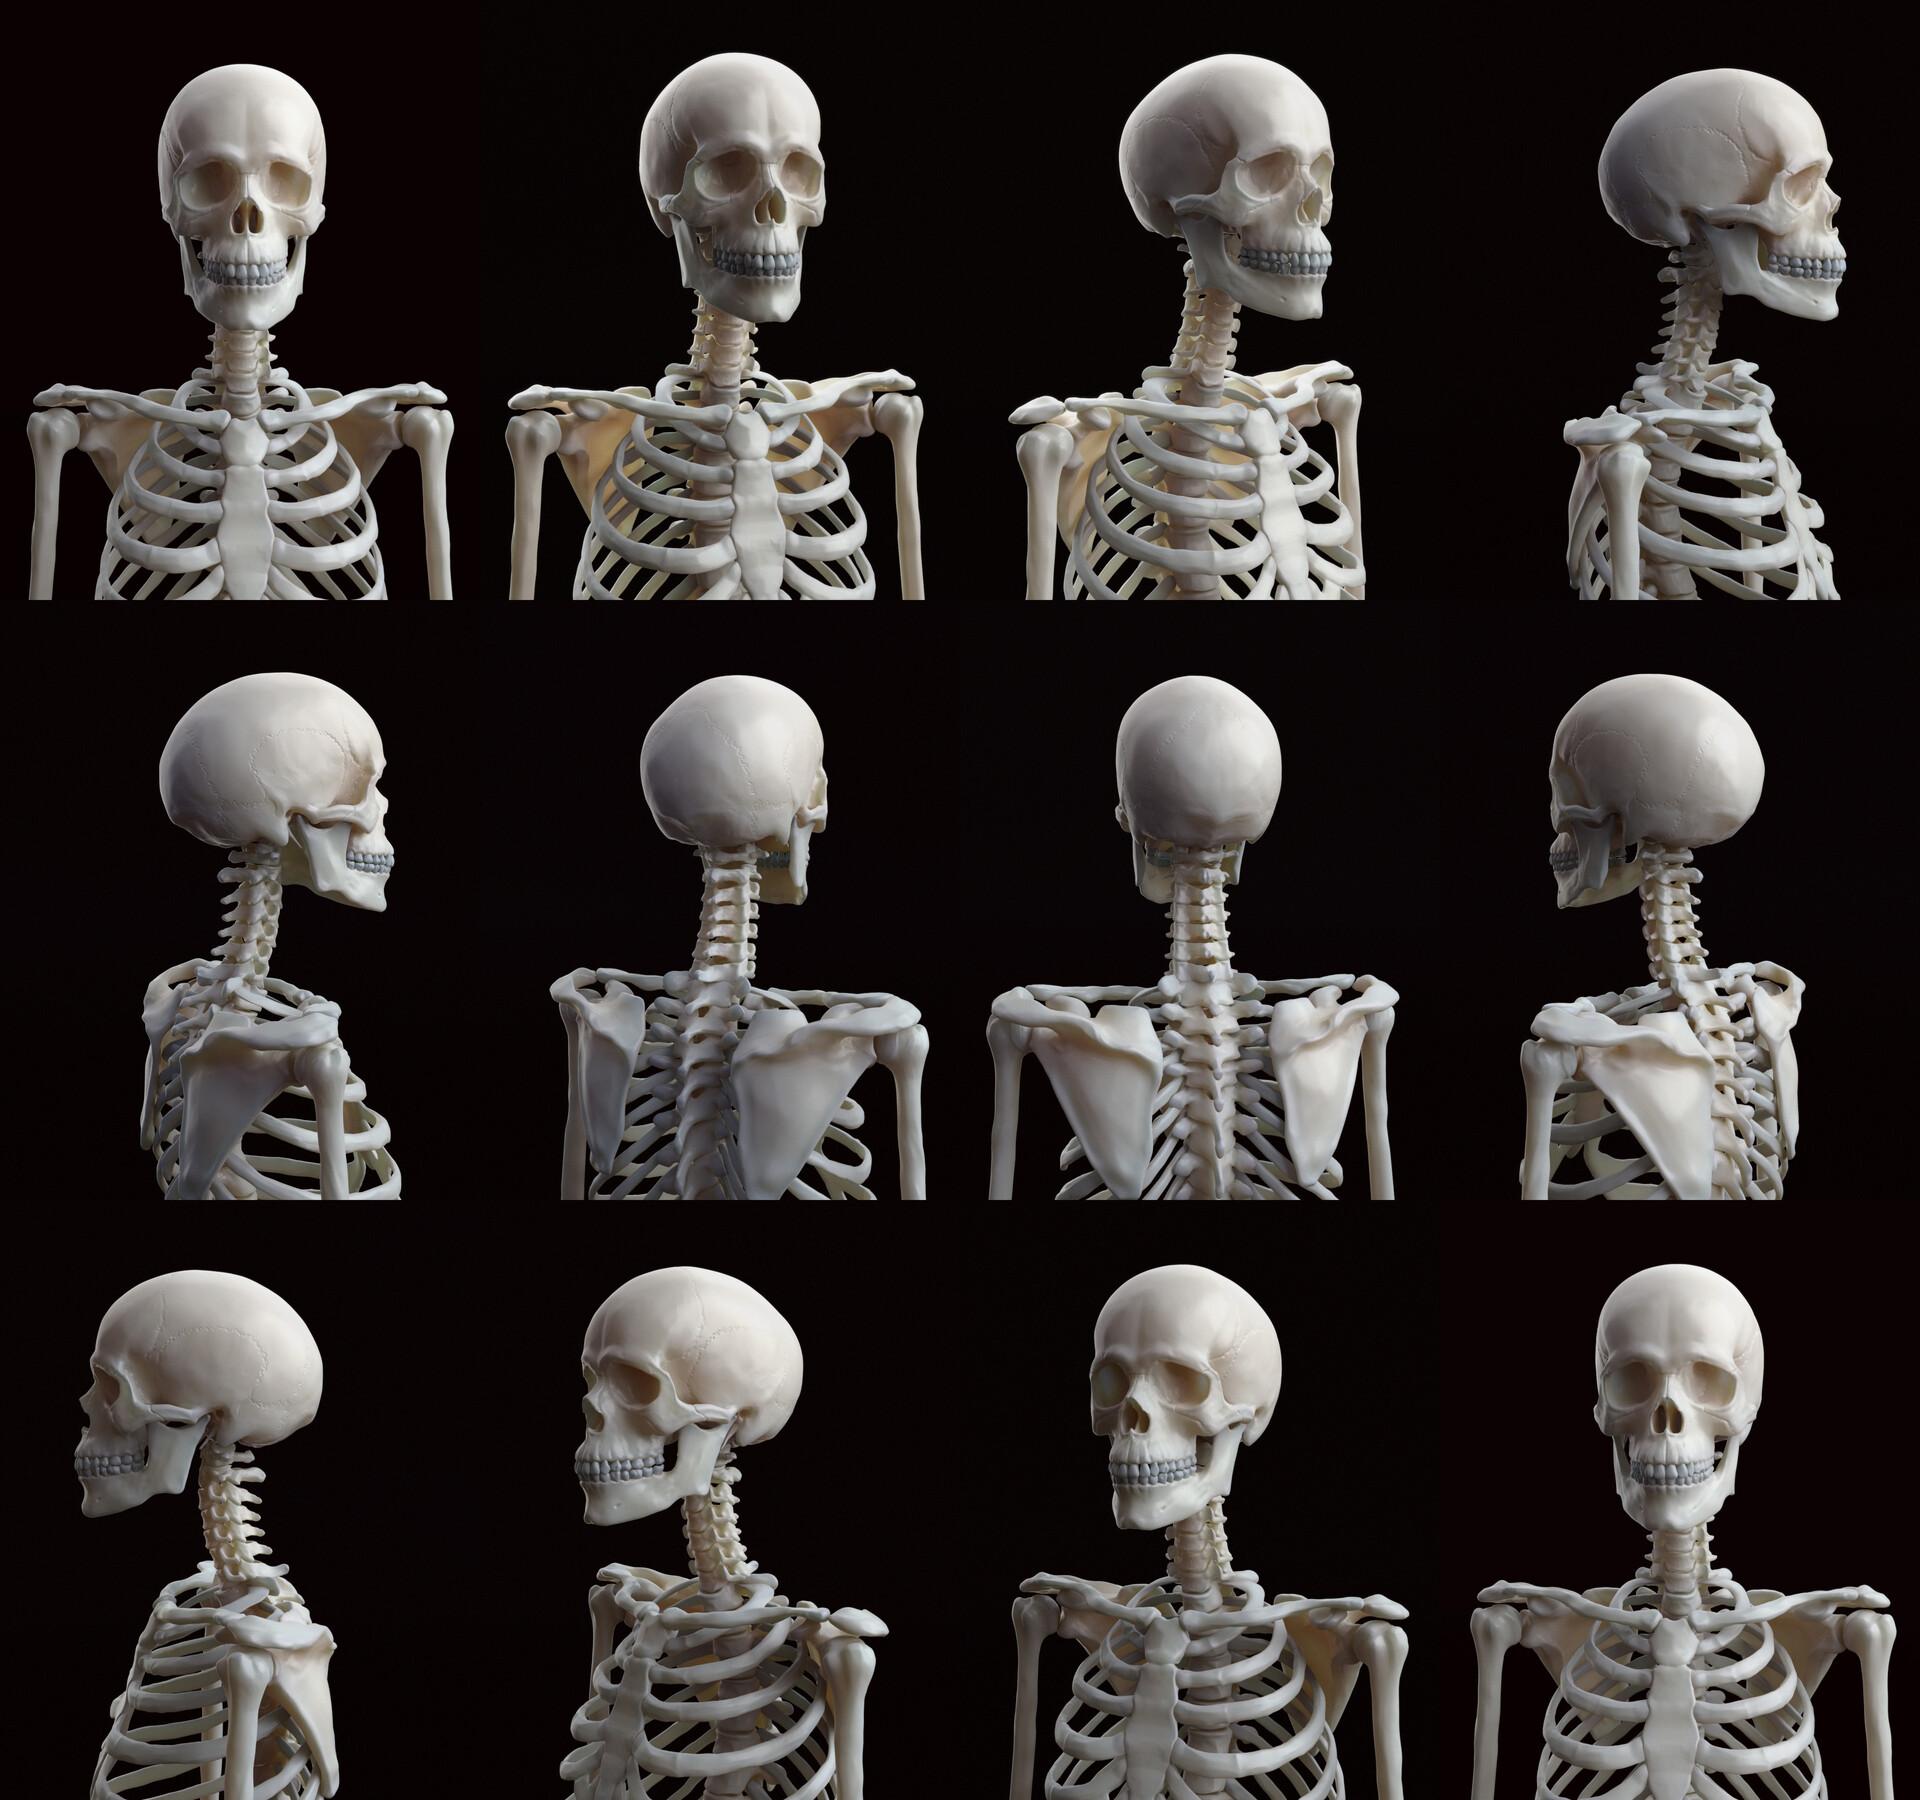 Skeleton turntable